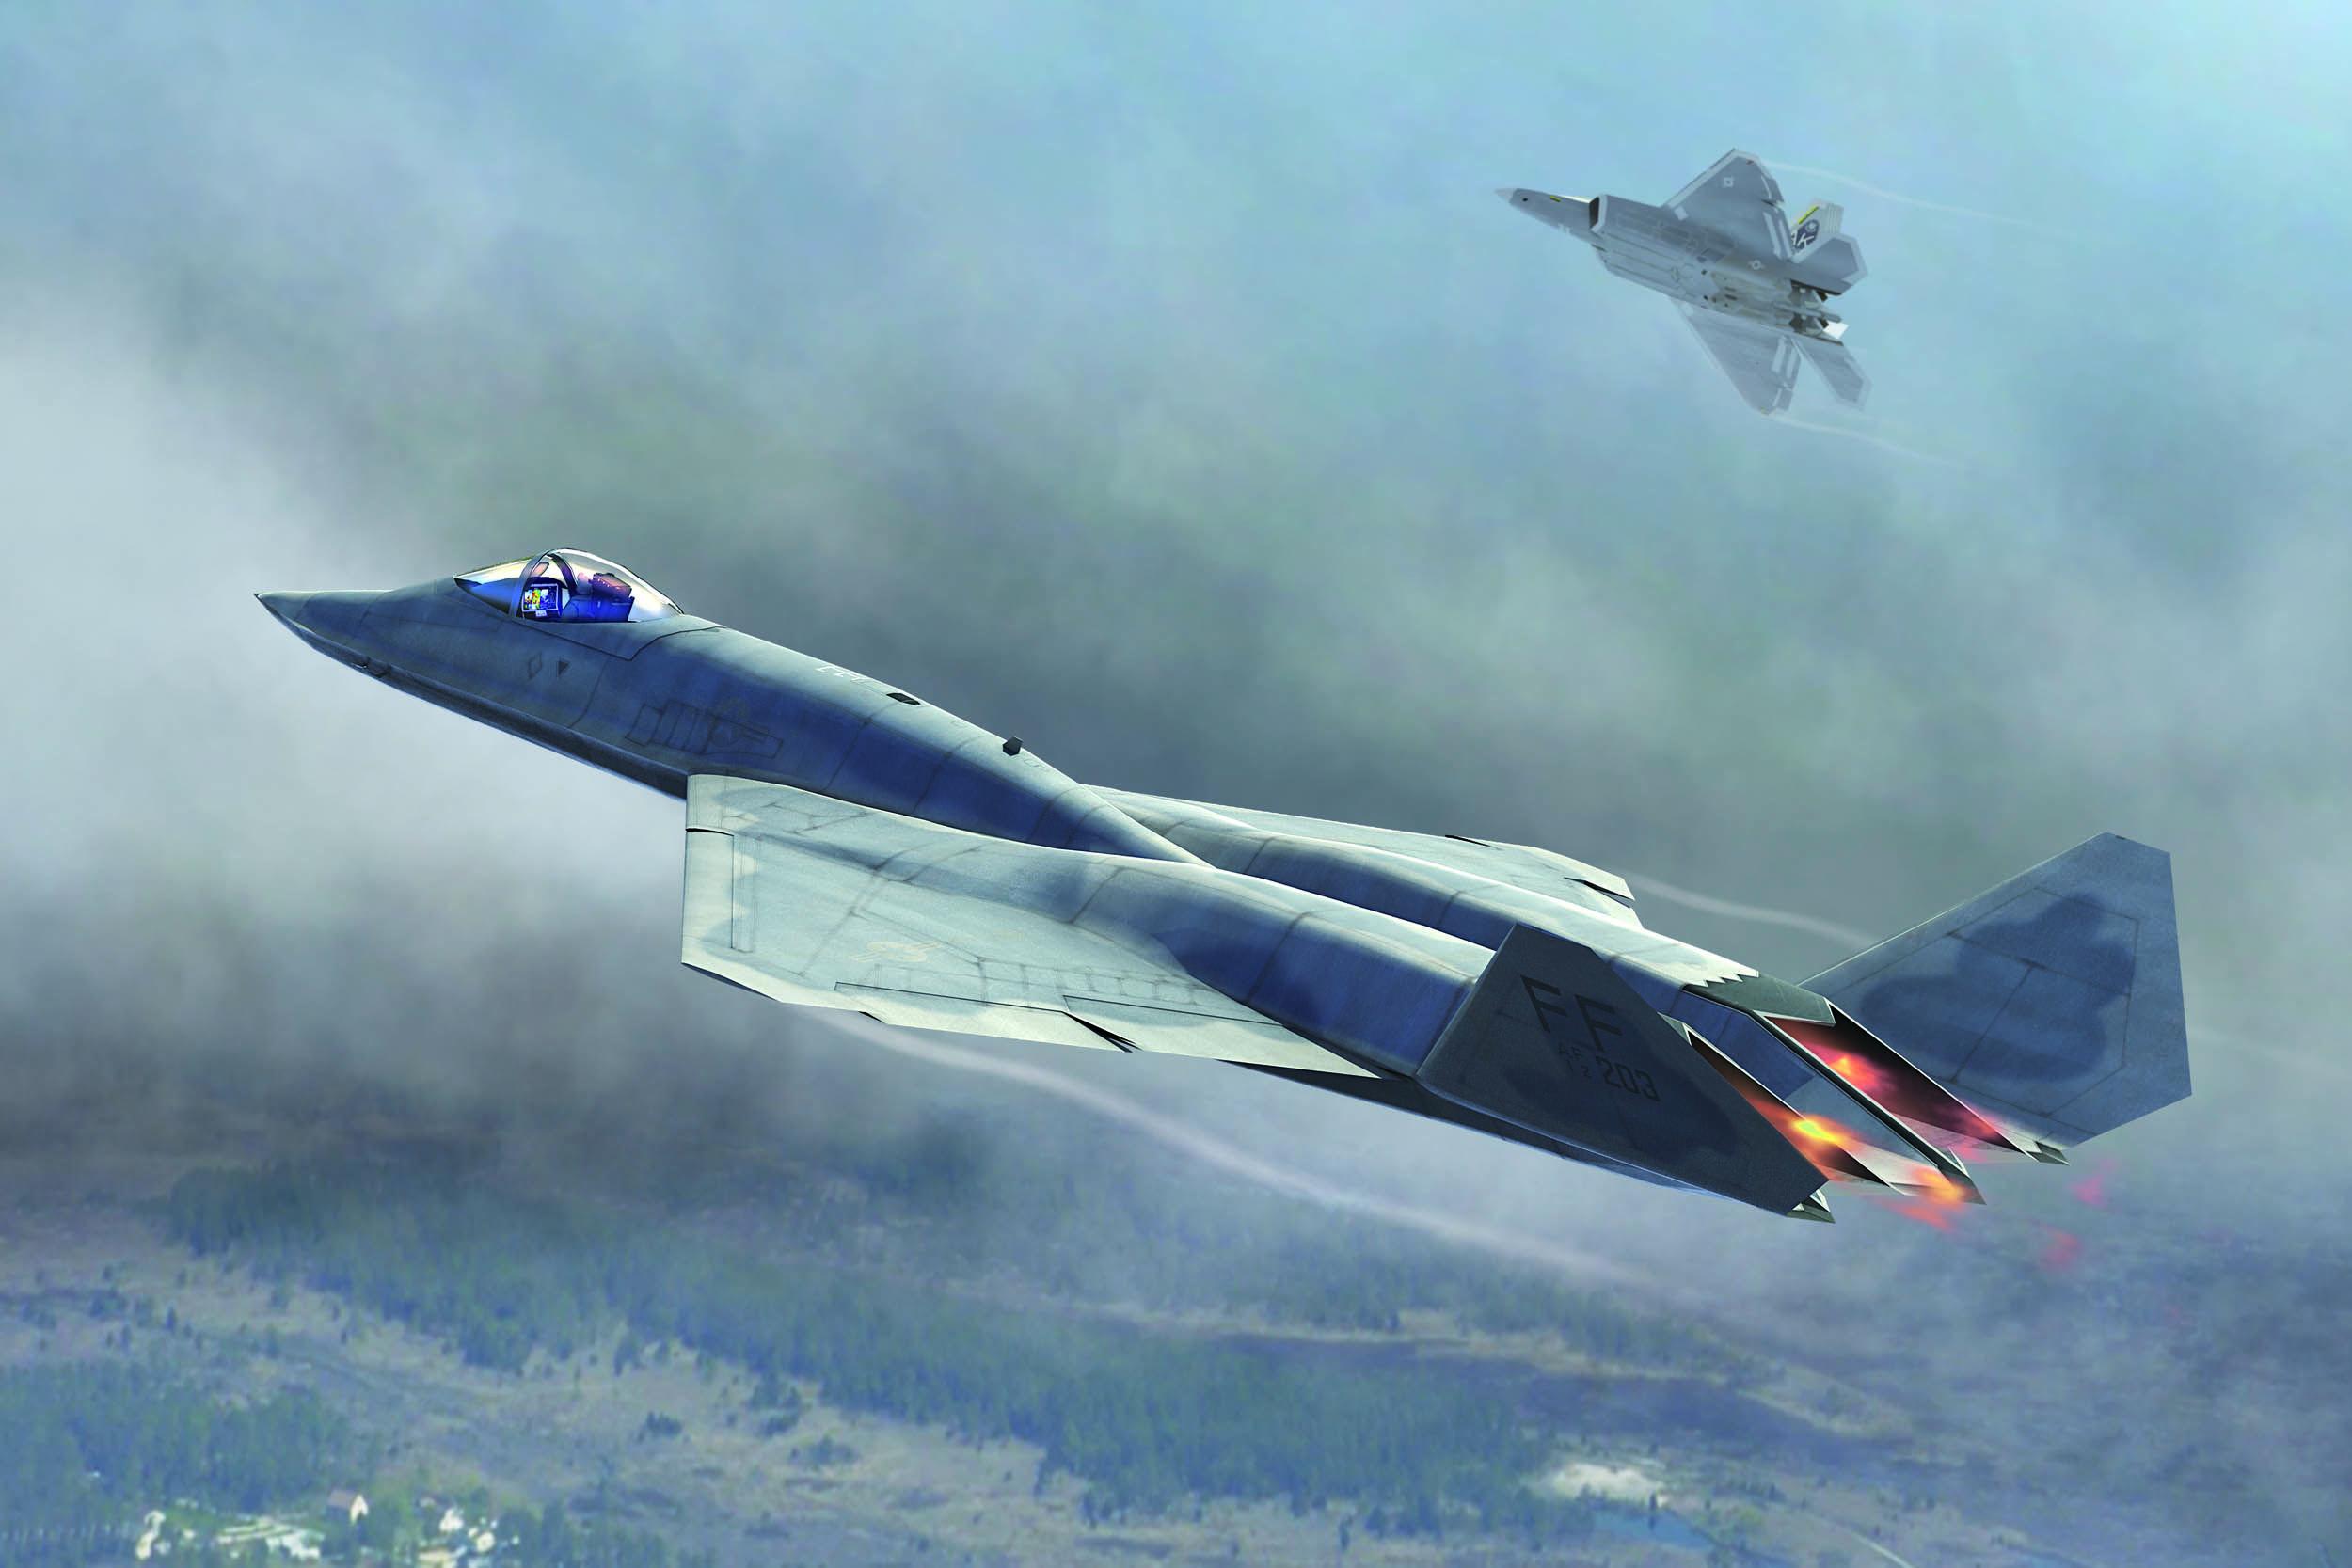 The Northrop/McDonnell Douglas YF-23 was an American single-seat, twin